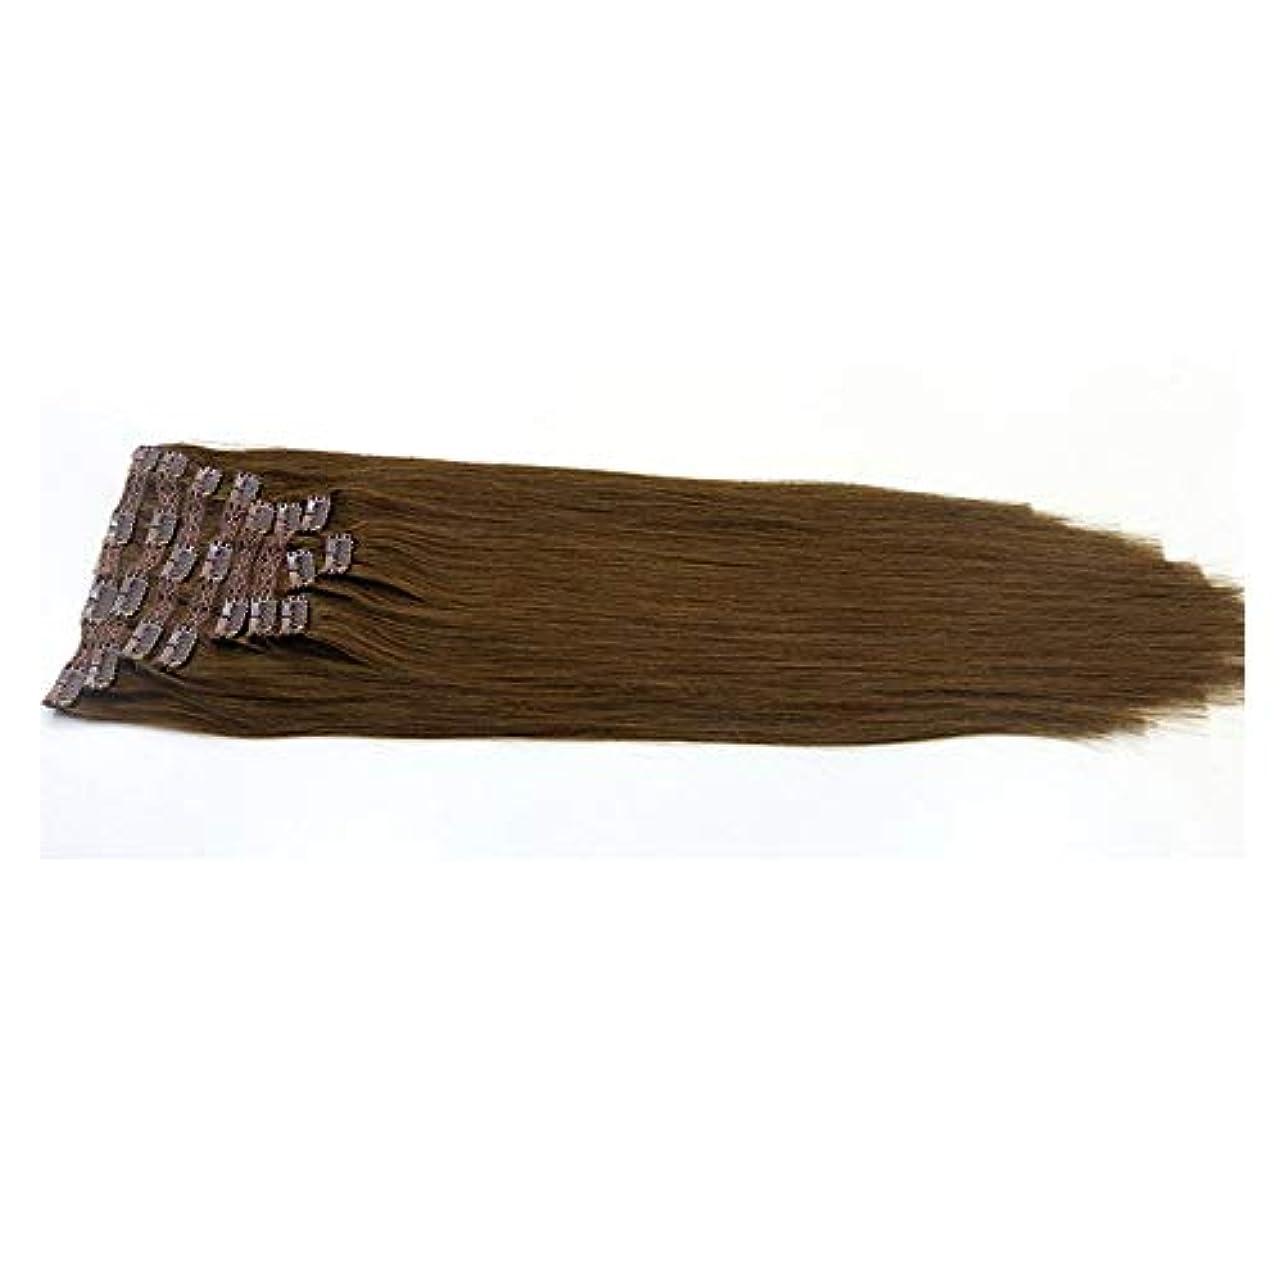 残基一時停止ハンドブックWASAIO 人間の頭部全体の自然ニート横糸ヘアエクステンションクリップのシームレスな髪型ブラジルクリップ (色 : ブラウン, サイズ : 28 inch)